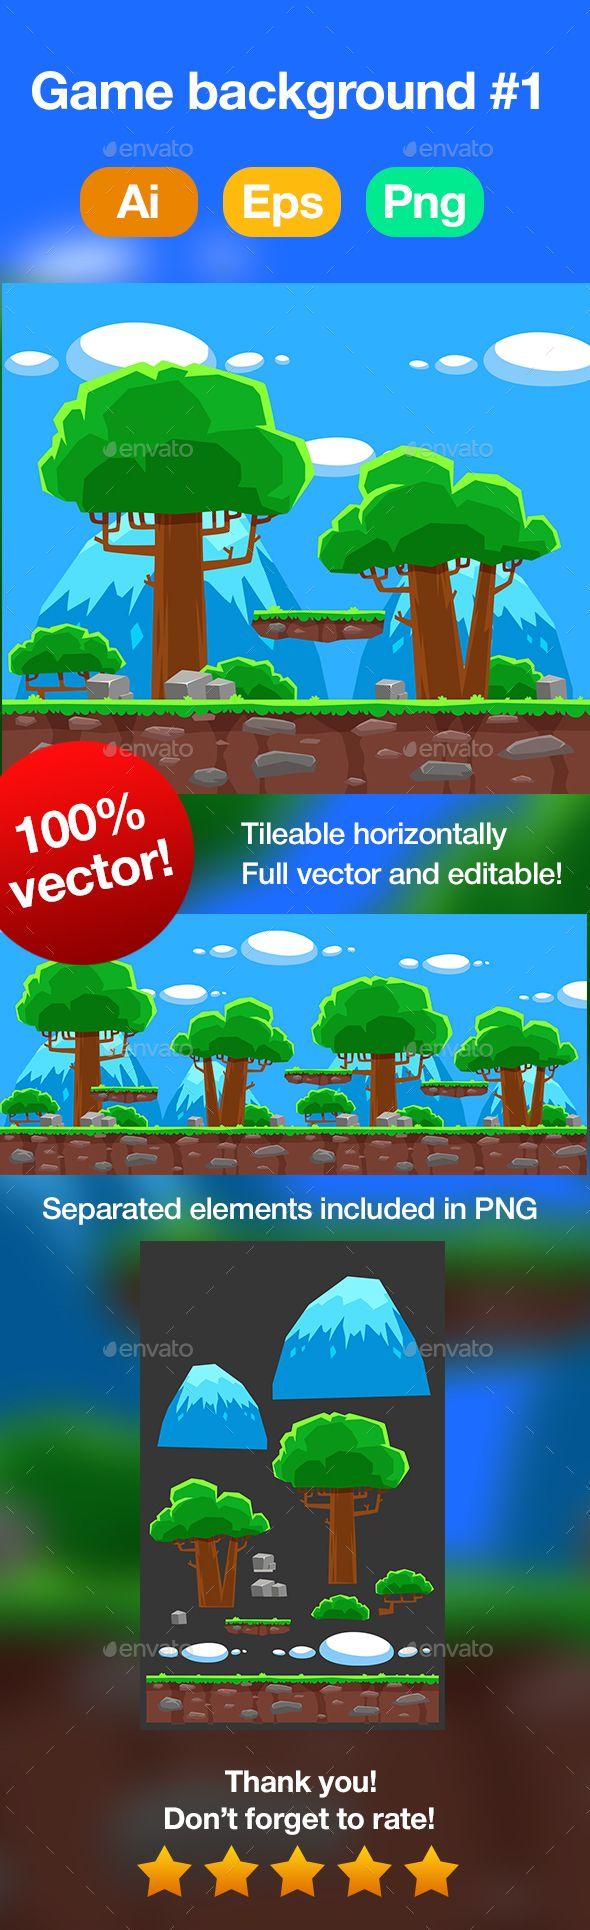 Platformer Game Background #1 Download here: https://graphicriver.net/item/platformer-game-background-1/19423722?ref=KlitVogli